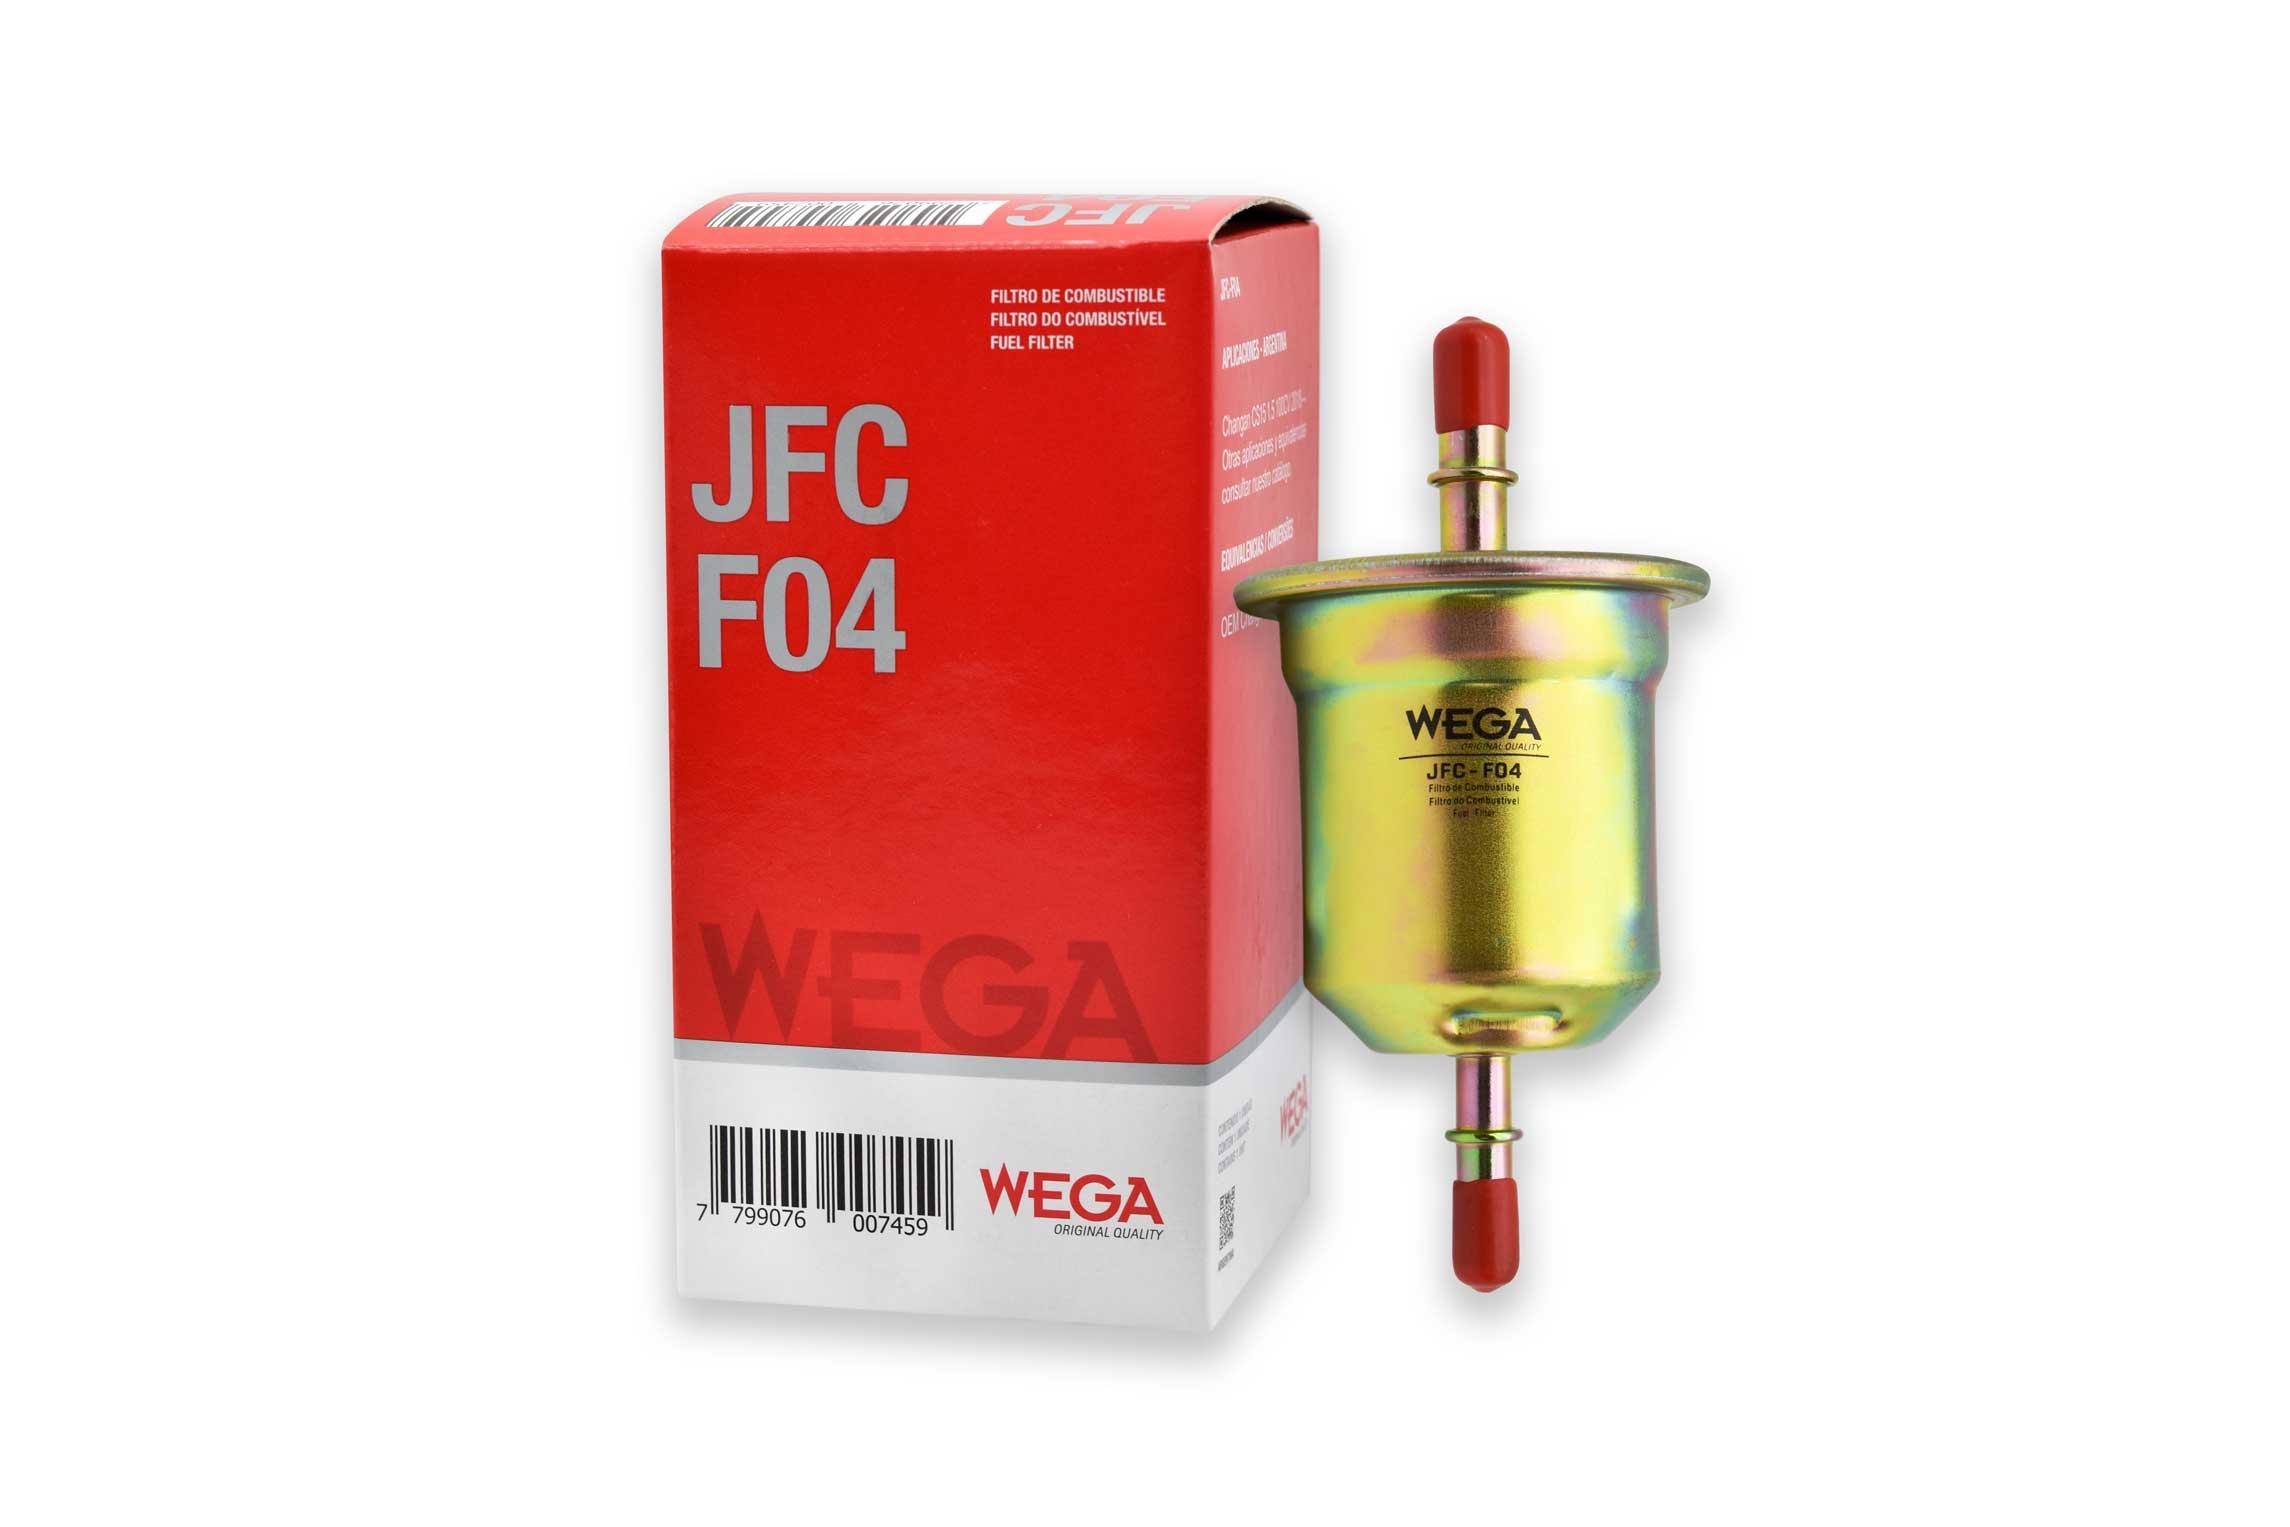 Código: JFC-F04